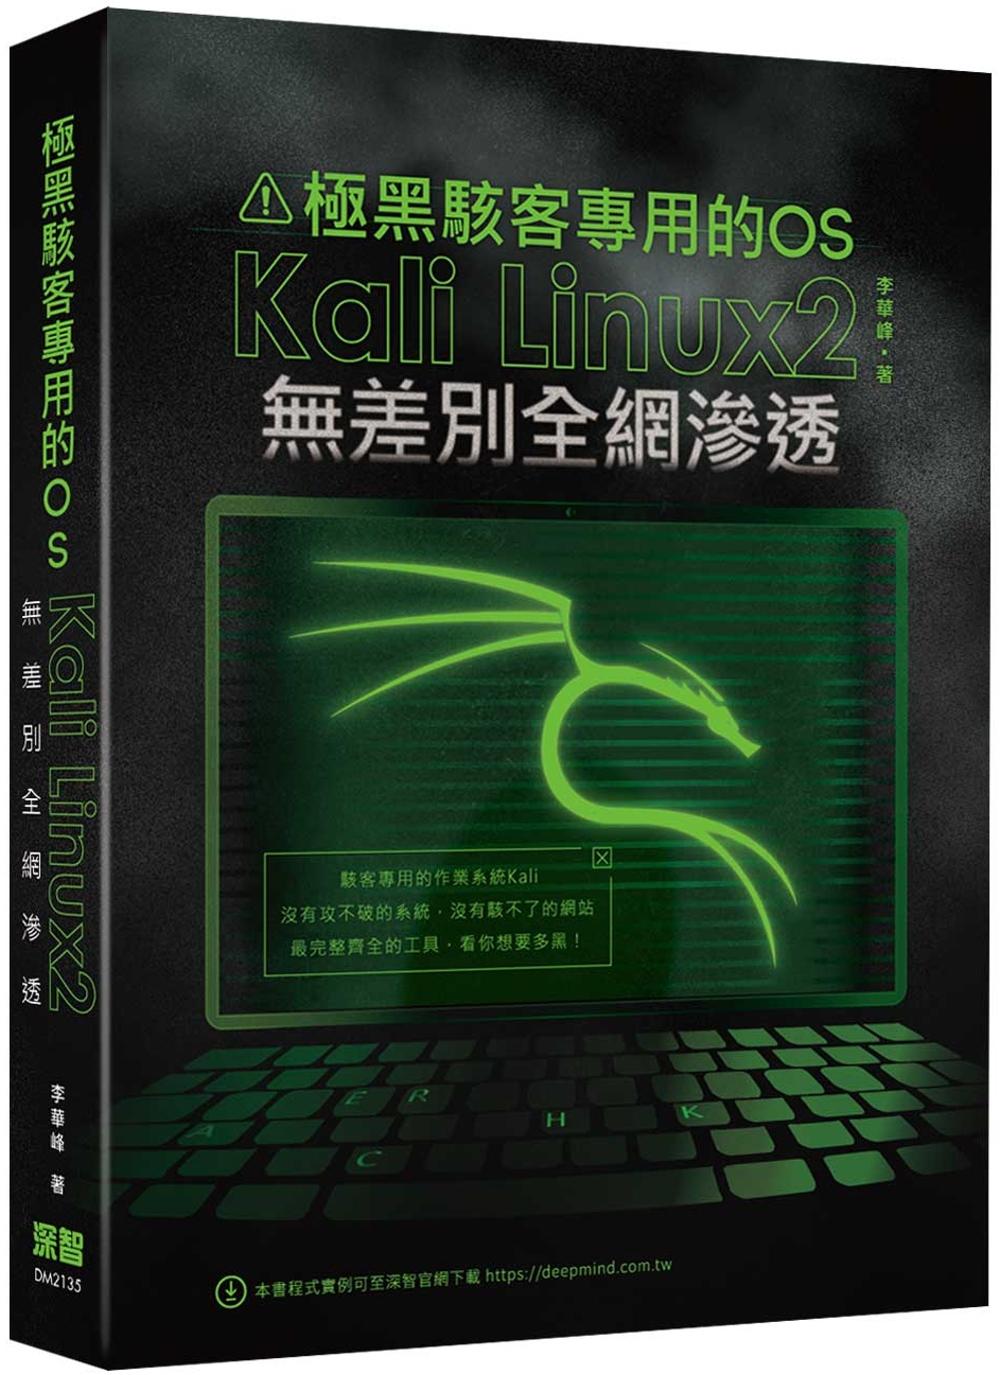 極黑駭客專用的OS:Kali Linux2無差別全網滲透